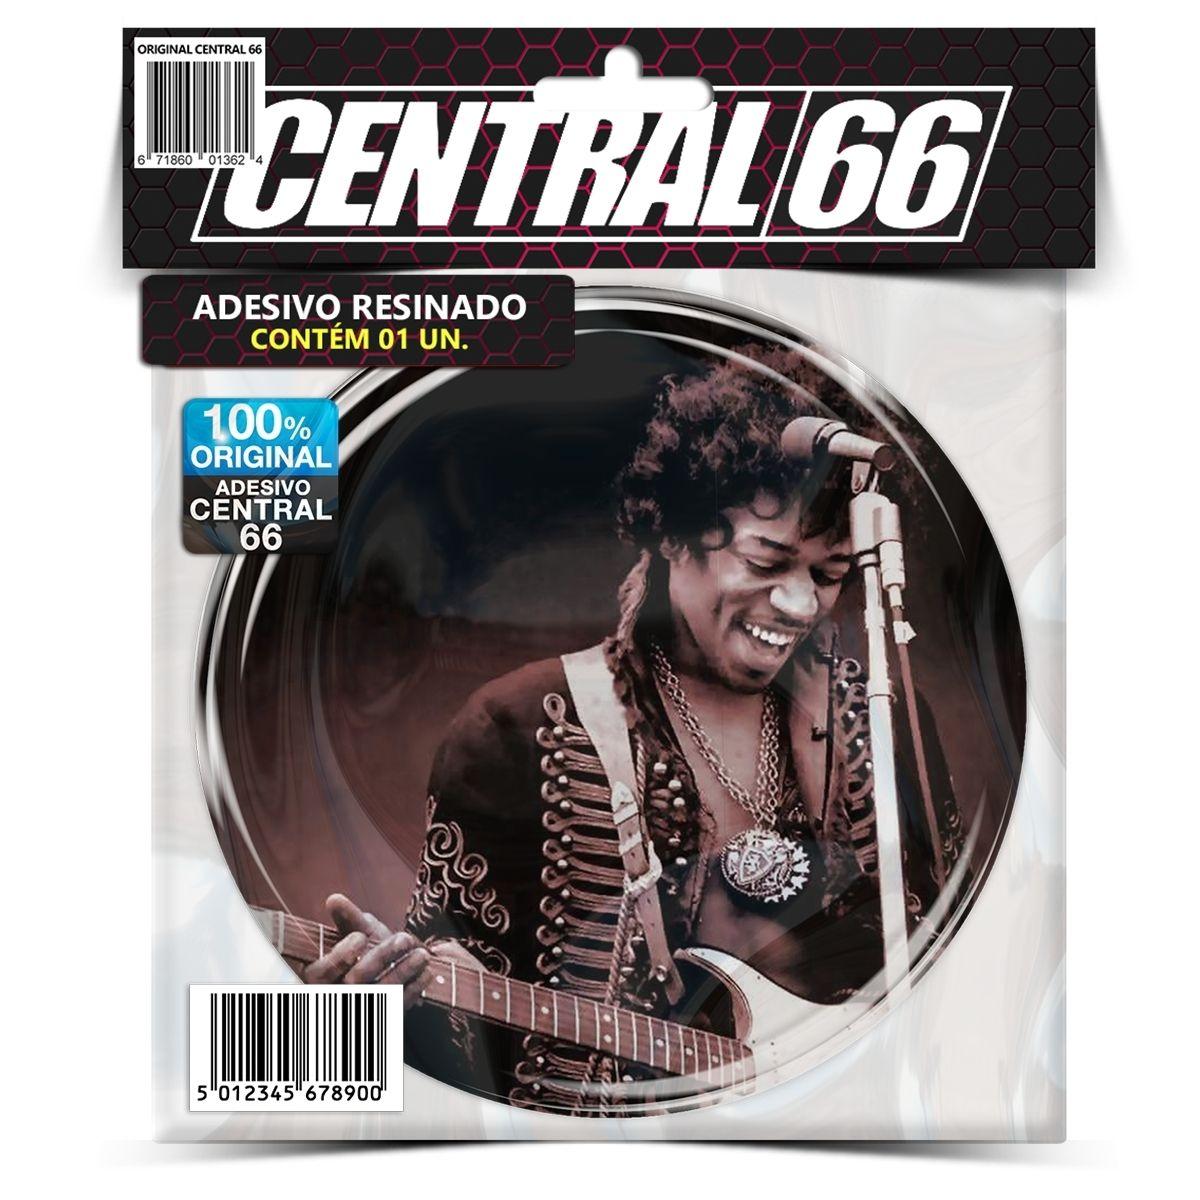 Adesivo Redondo Jimi Hendrix M04 – Central 66